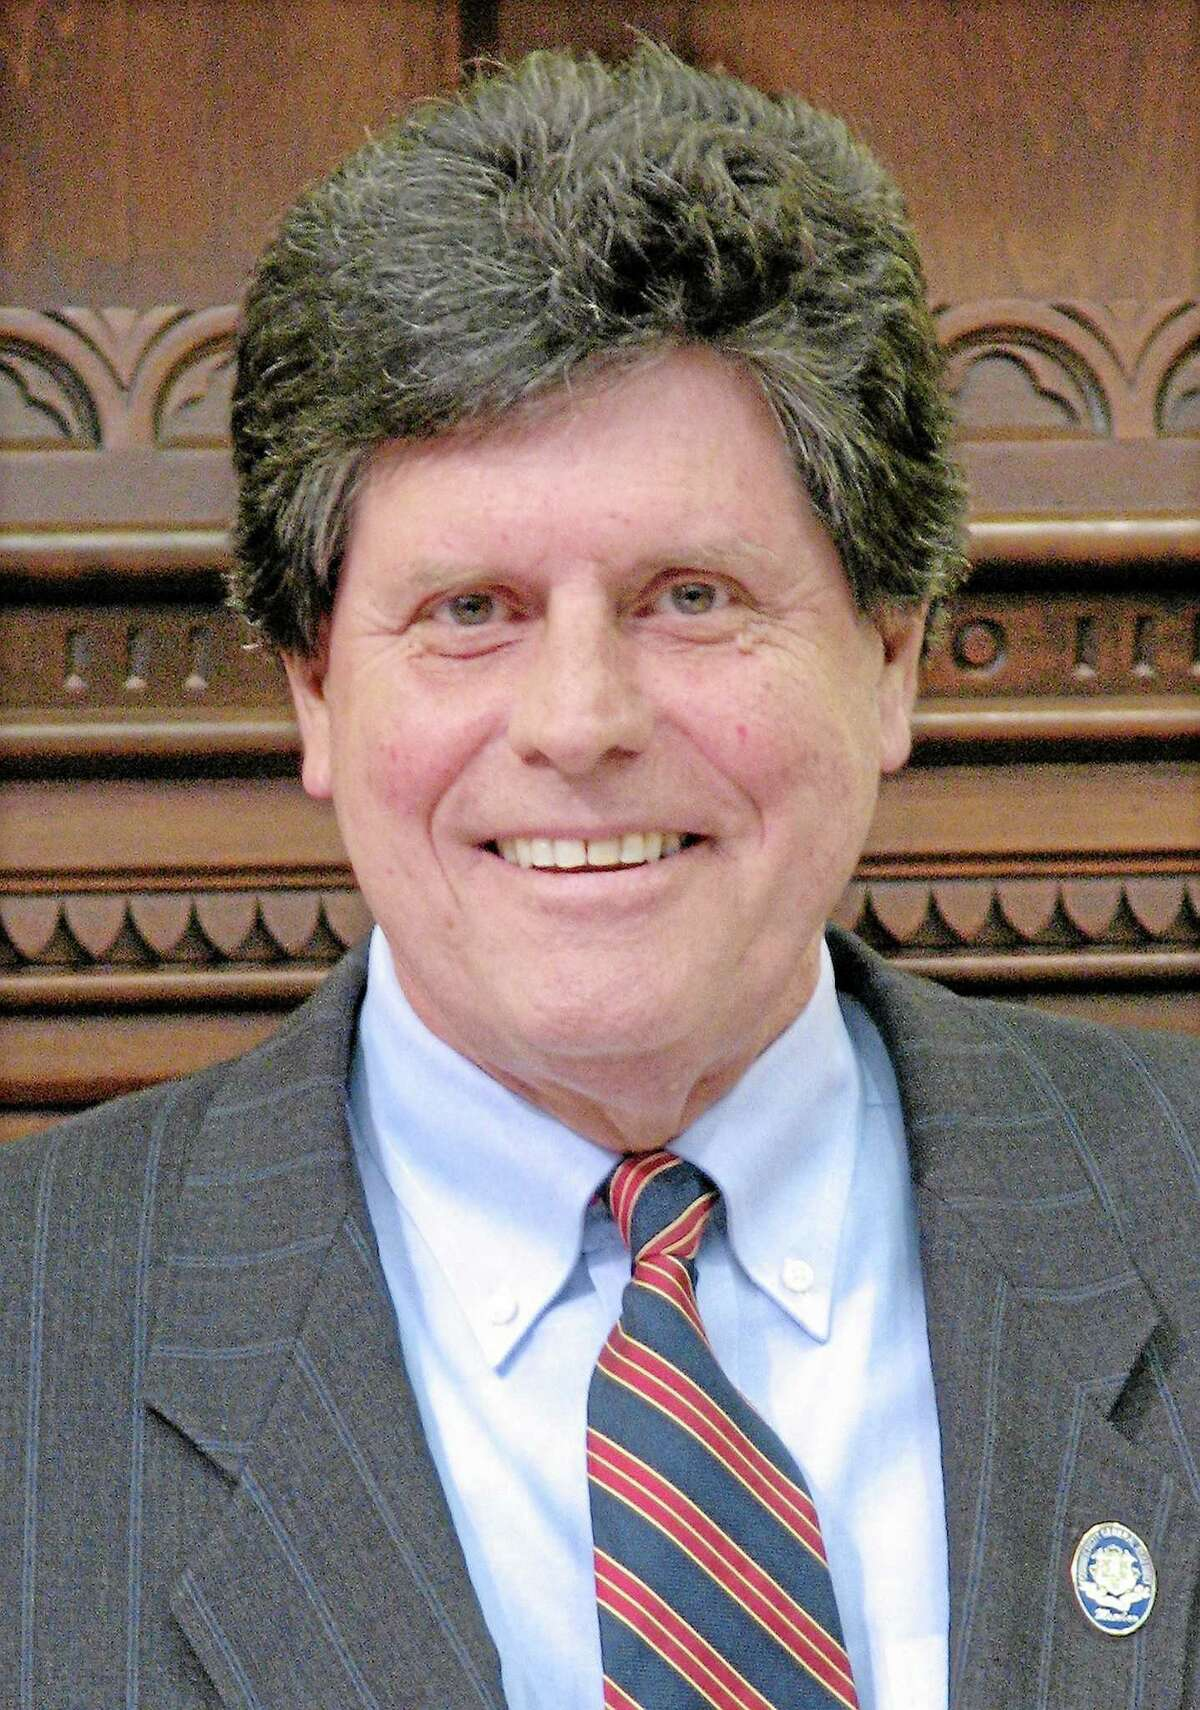 State Rep. Emil Altobello